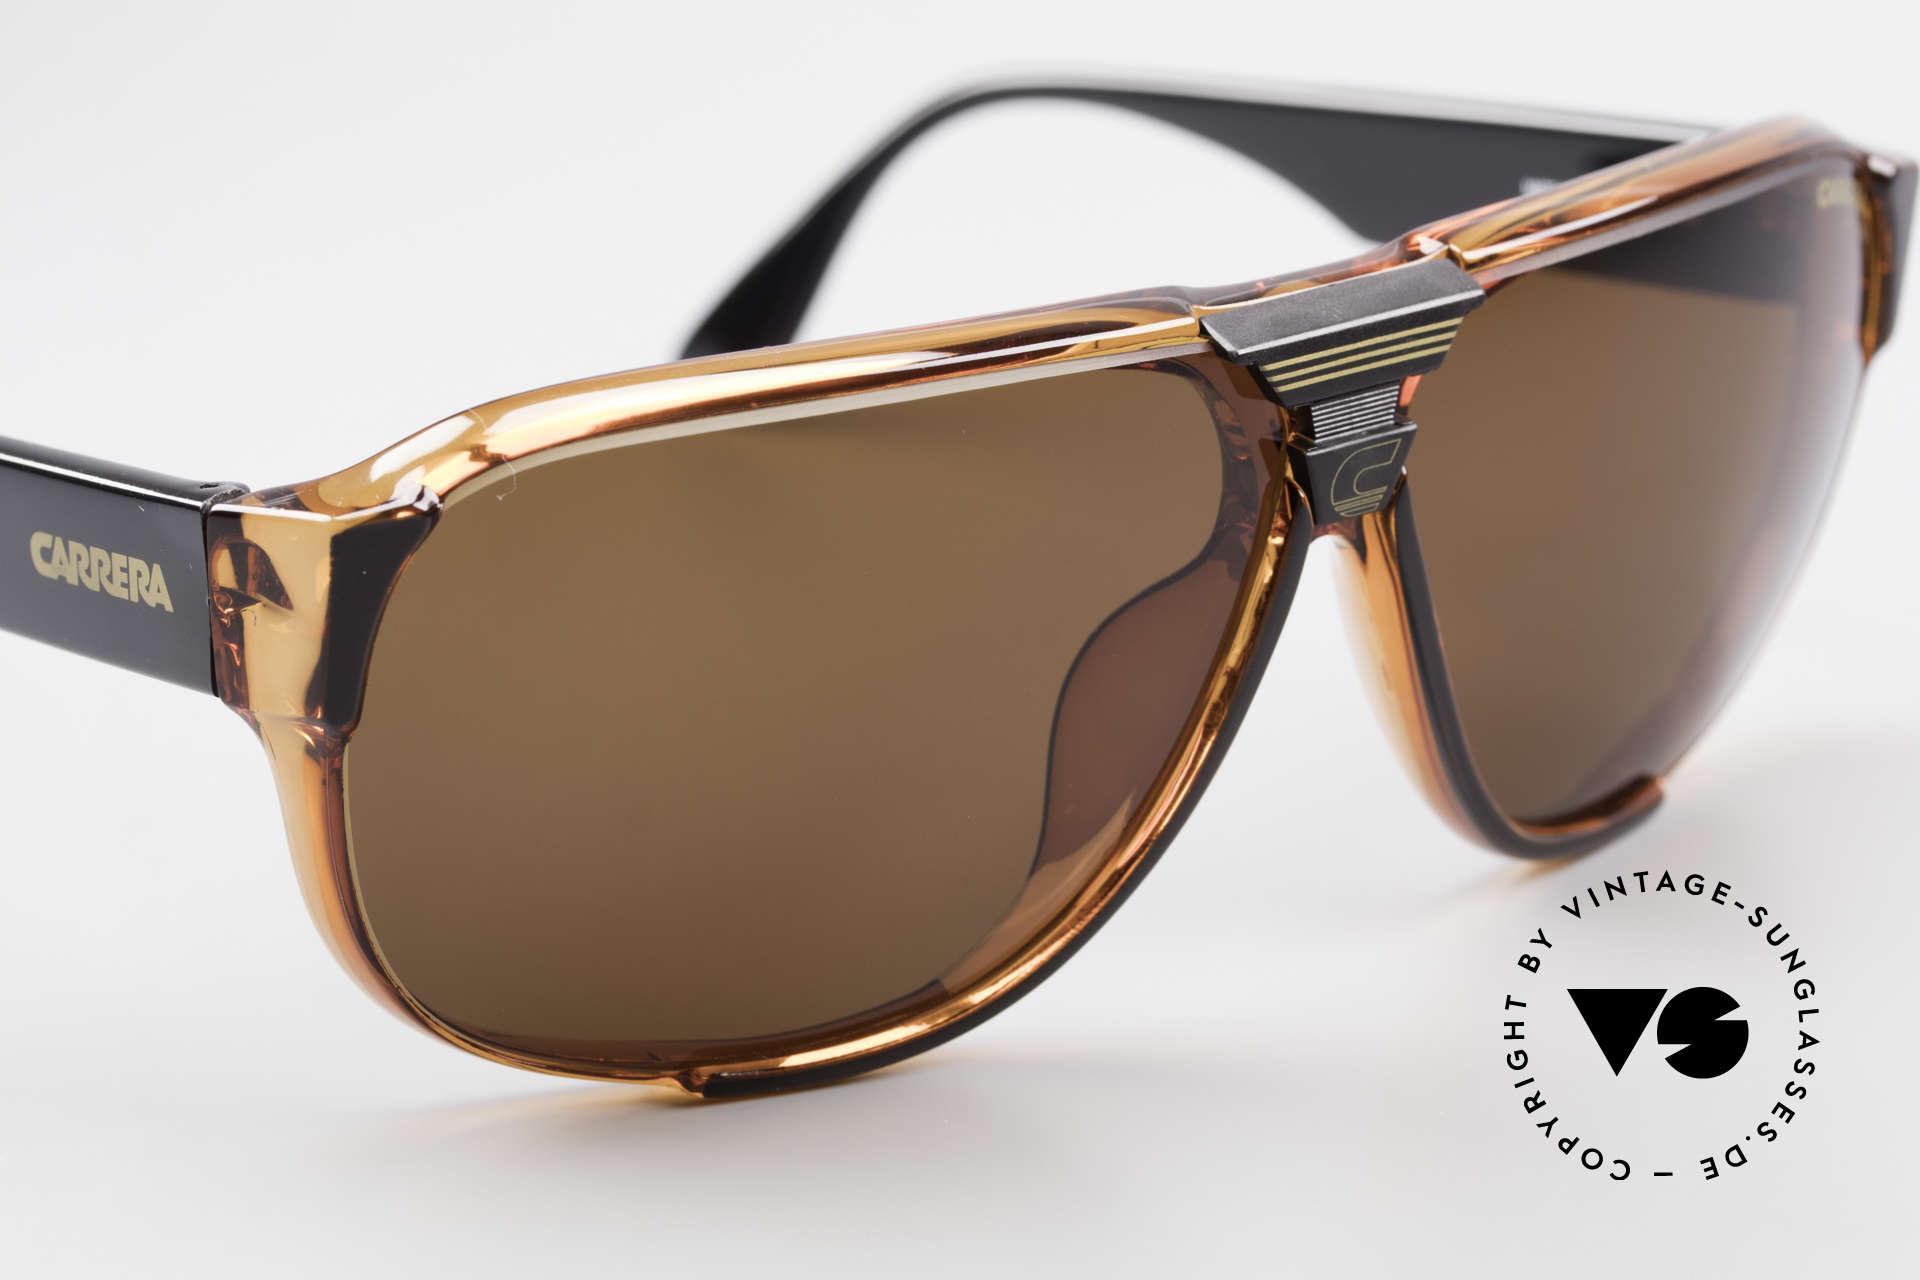 Carrera 5431 Men's 80's Sportsglasses Optyl, sport performance sunglasses & trendy lifestyle!, Made for Men